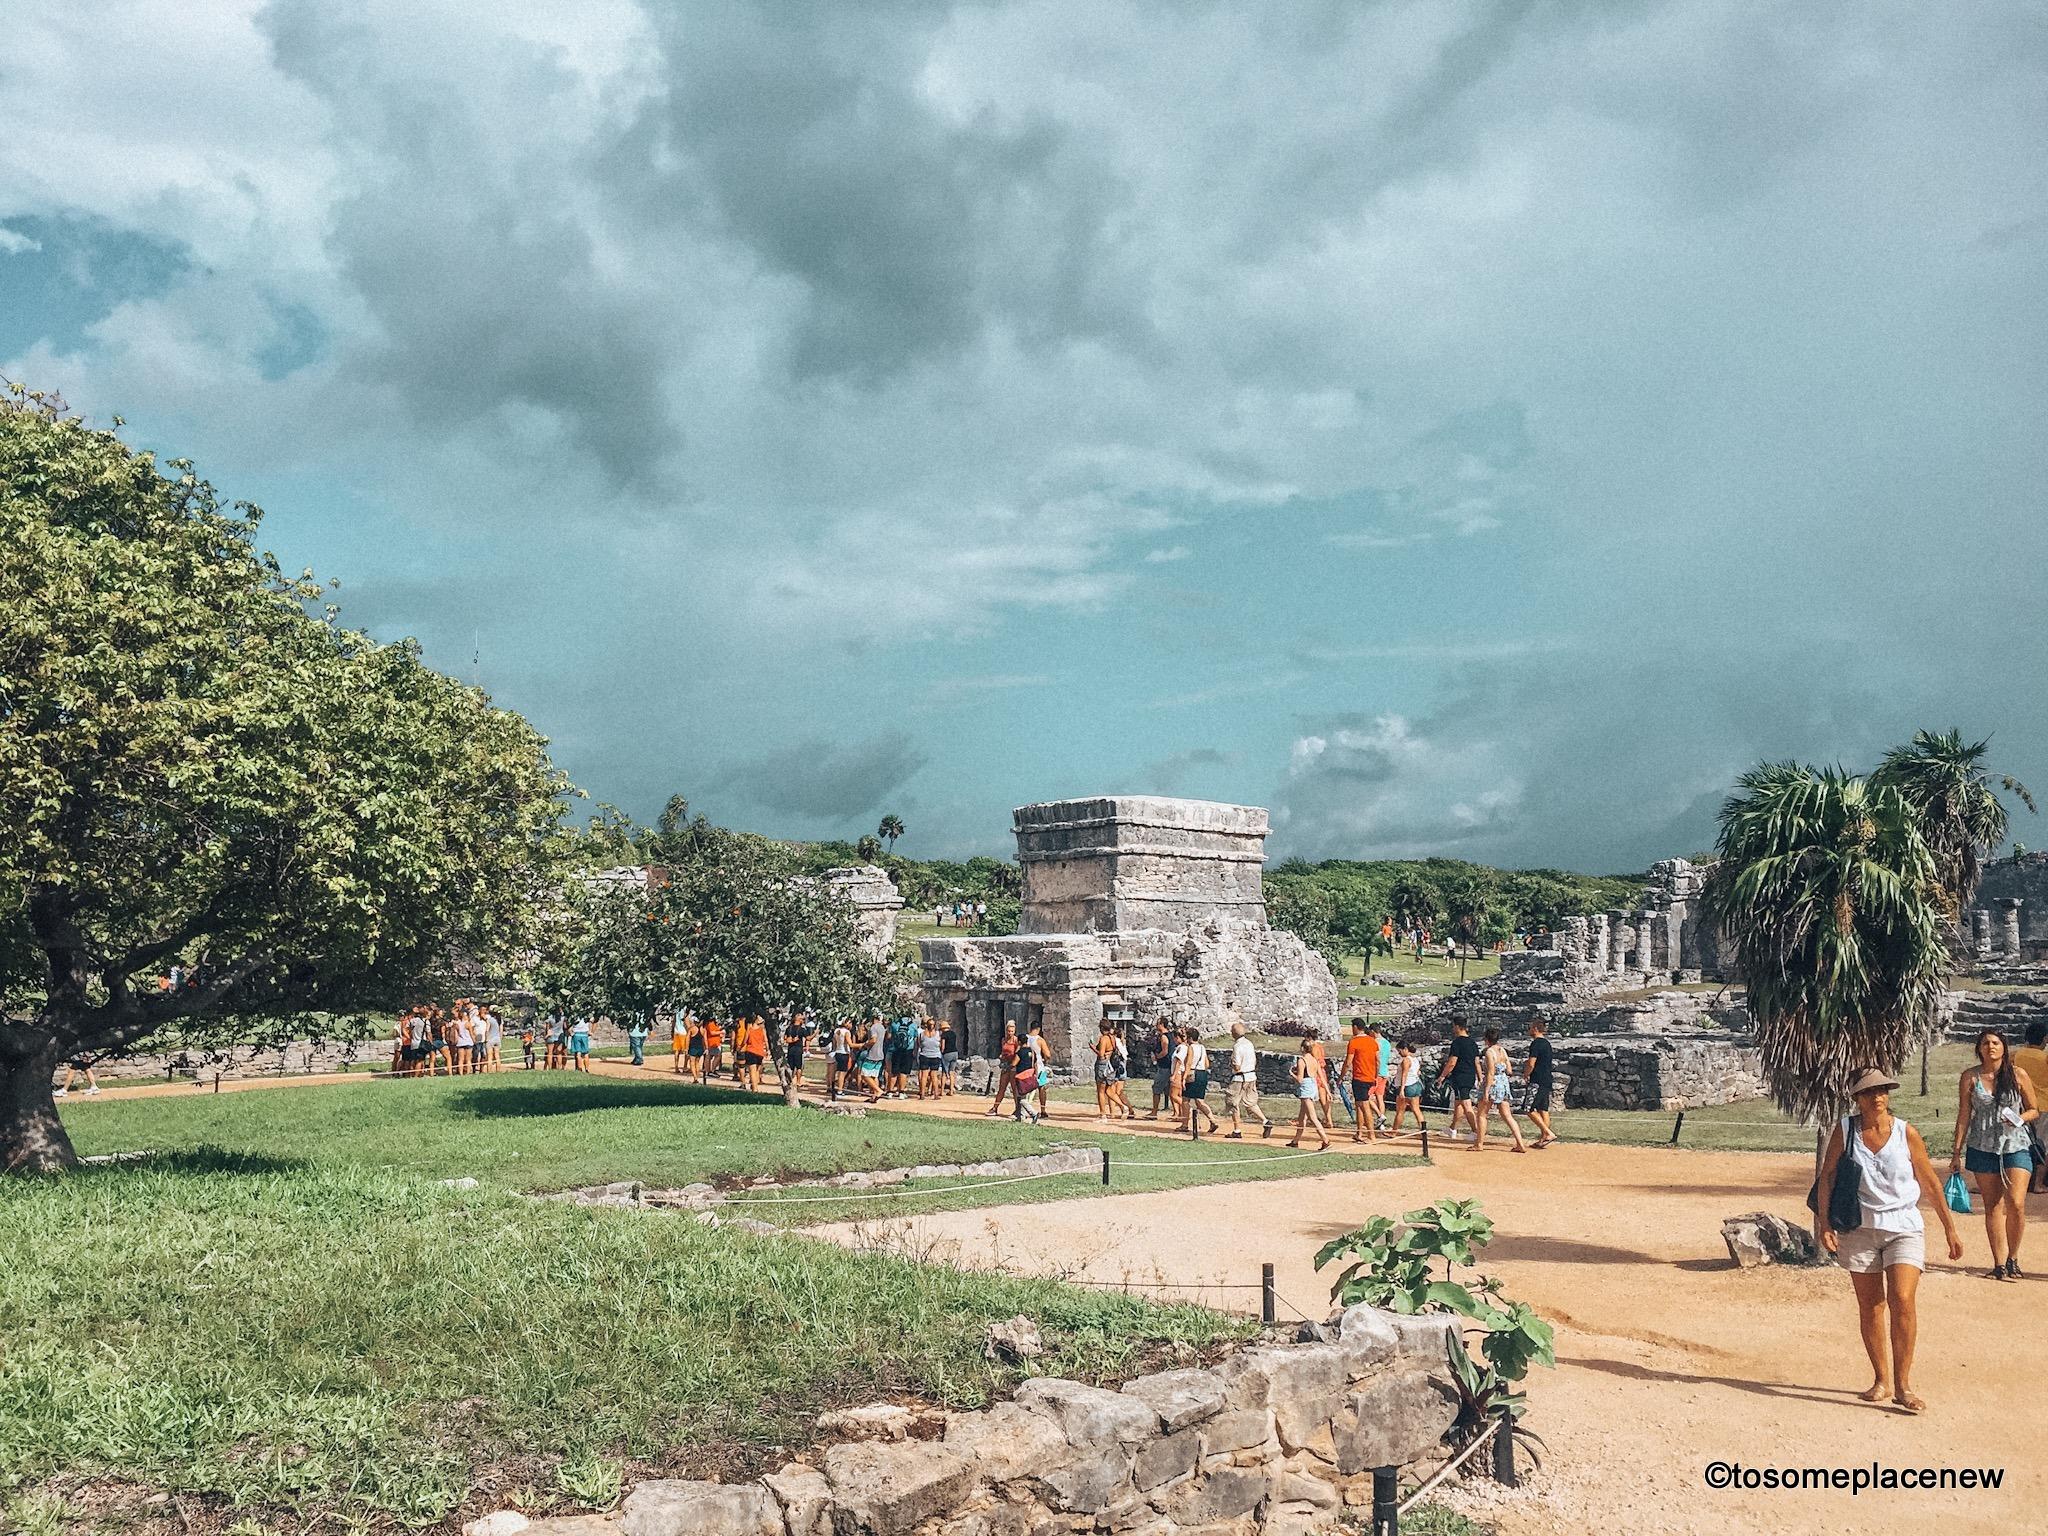 Tulum Ruins - Mexico tosomeplacenew